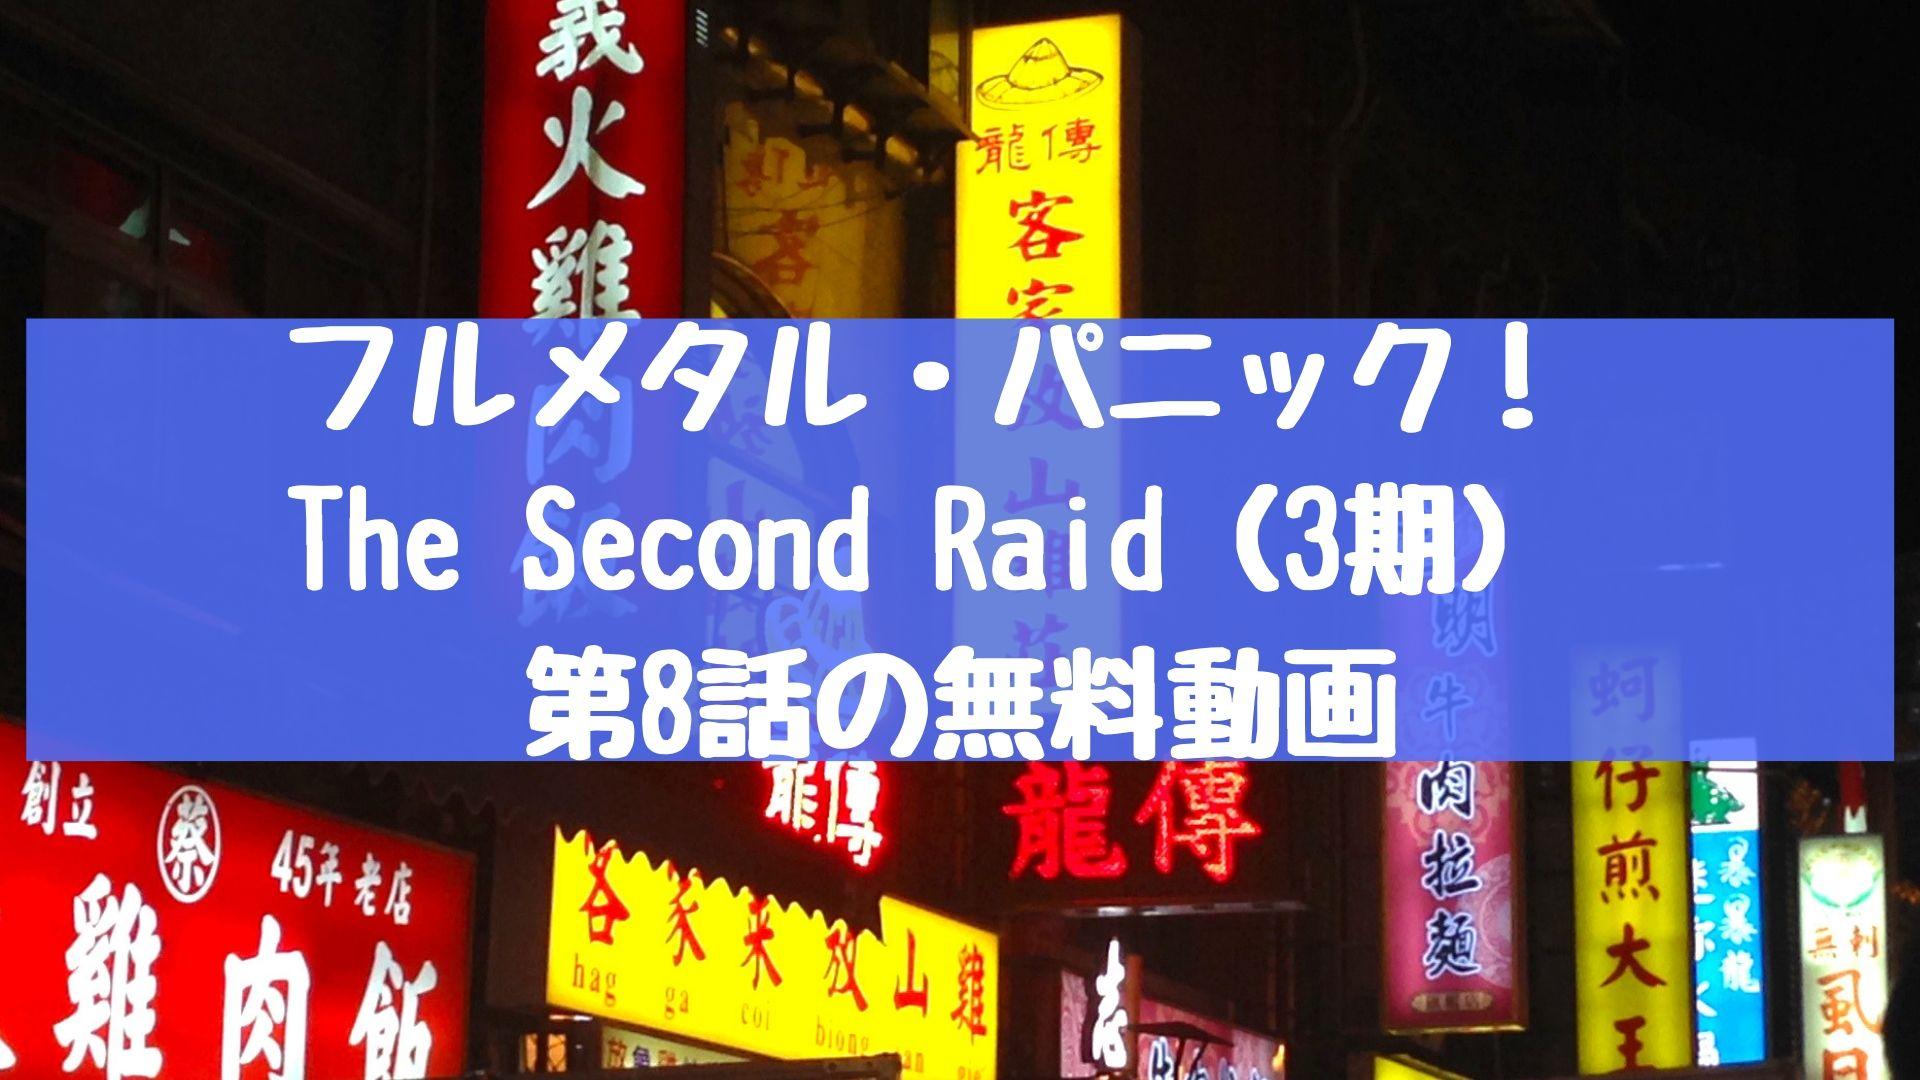 フルメタル・パニック! The Second Raid(3期) 第8話の無料動画